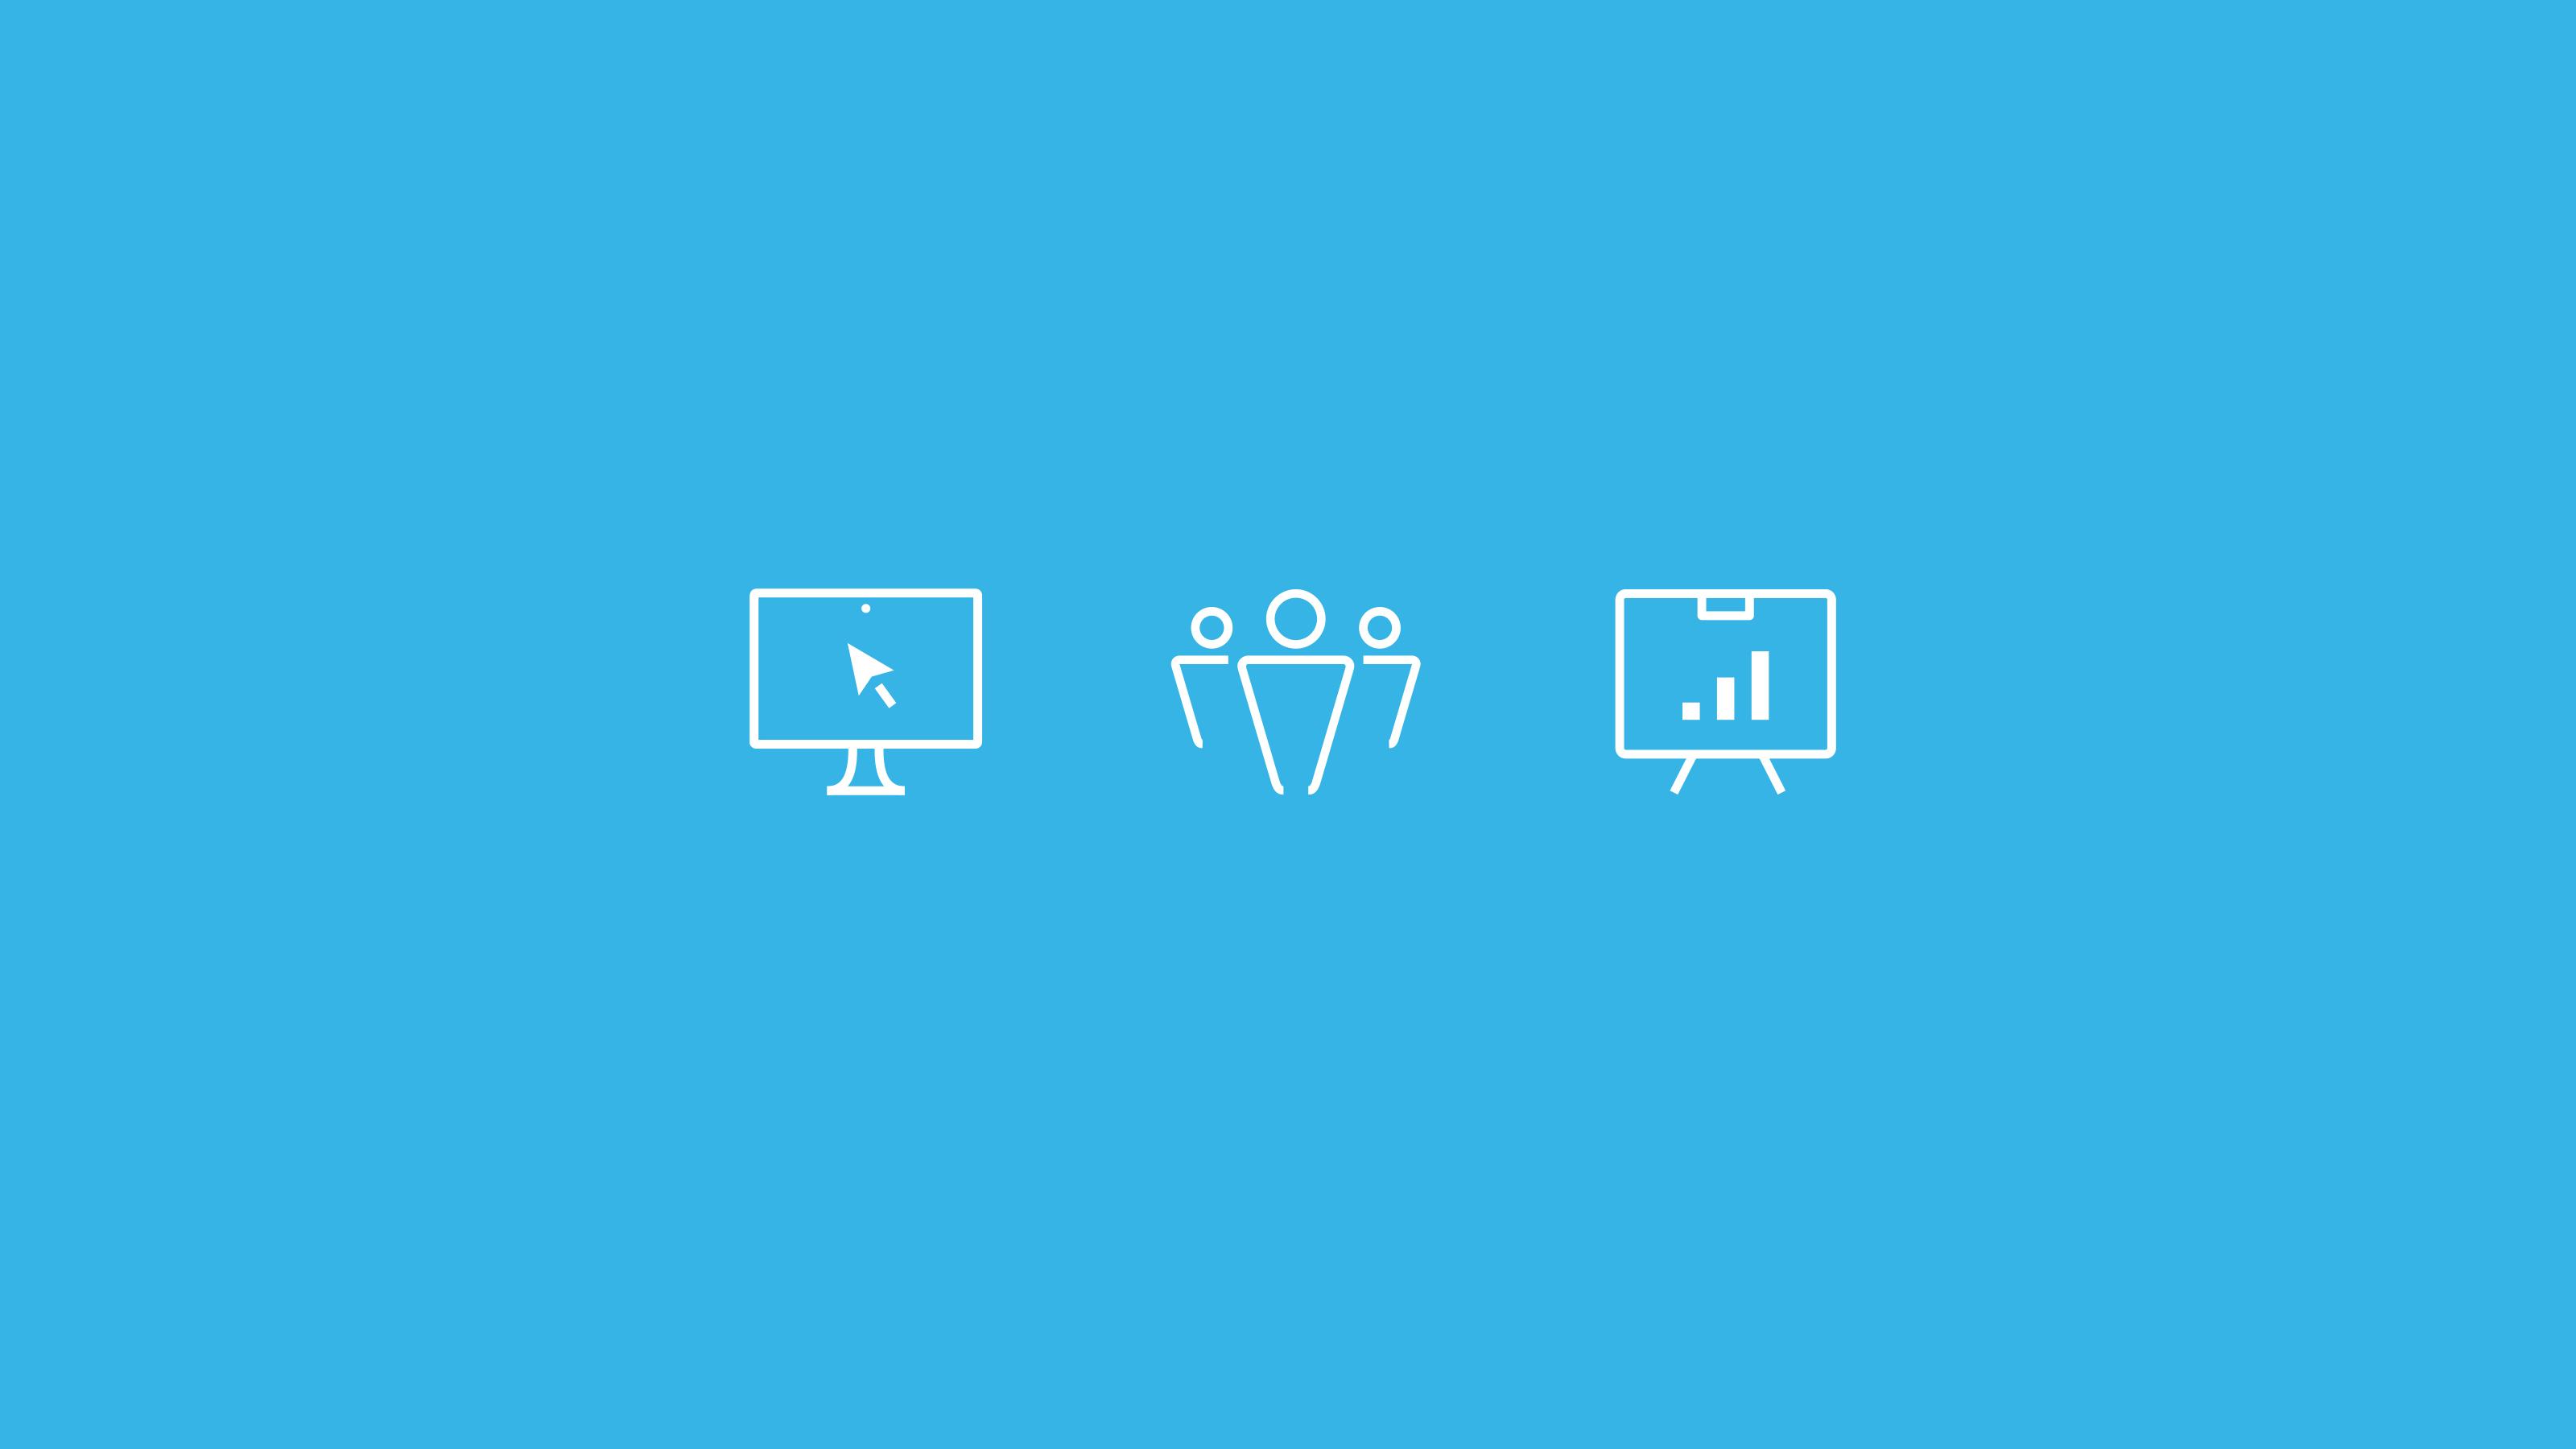 icon design blue background StyleAnalytics